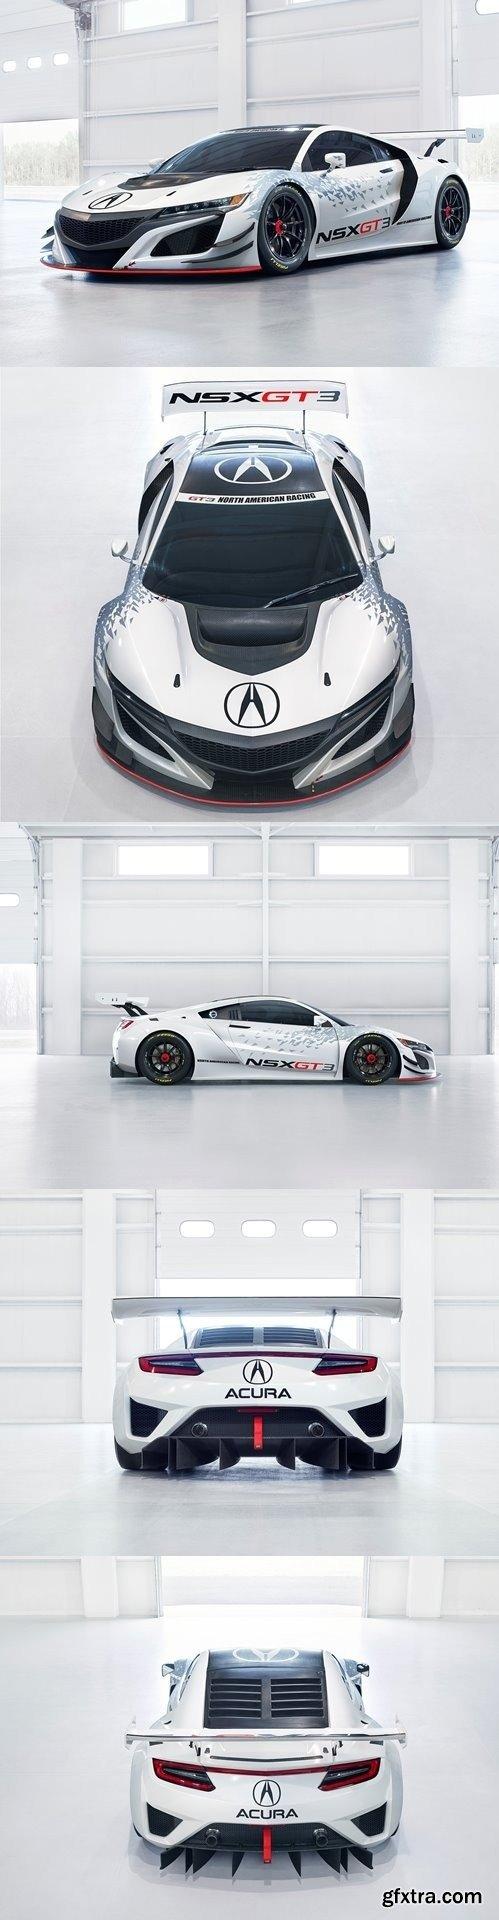 Acura NSX GT3 Race Car 2019 3D Model